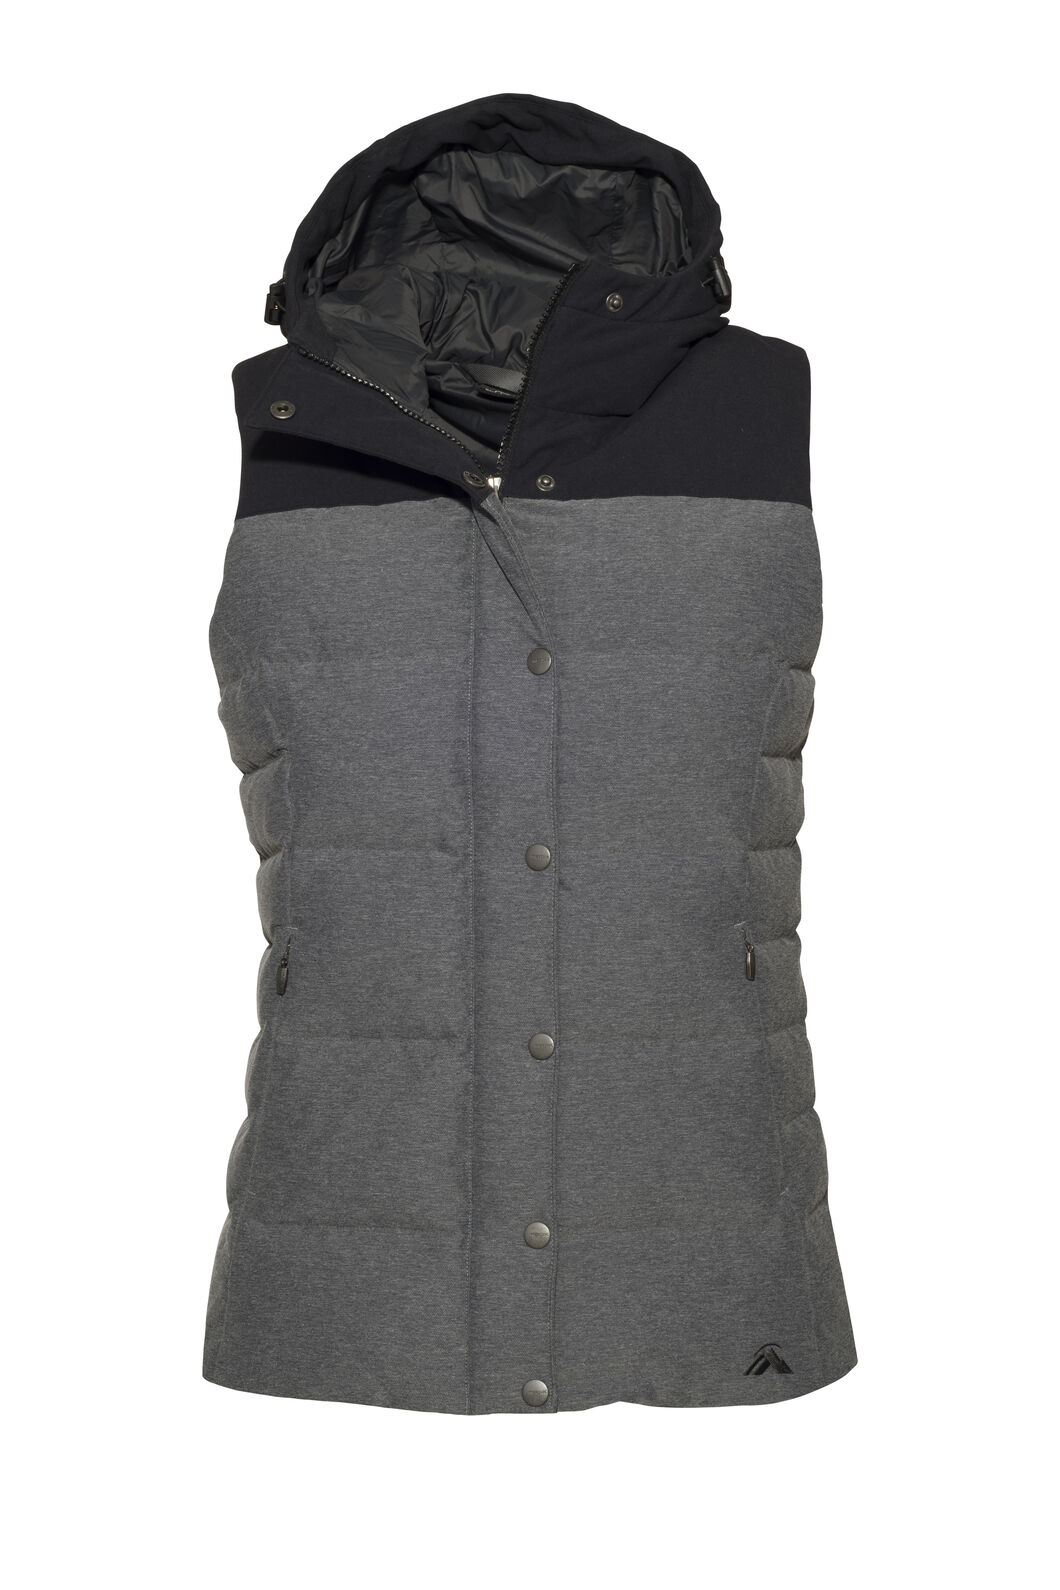 Macpac Umbra Hooded Down Vest — Women's, Black, hi-res